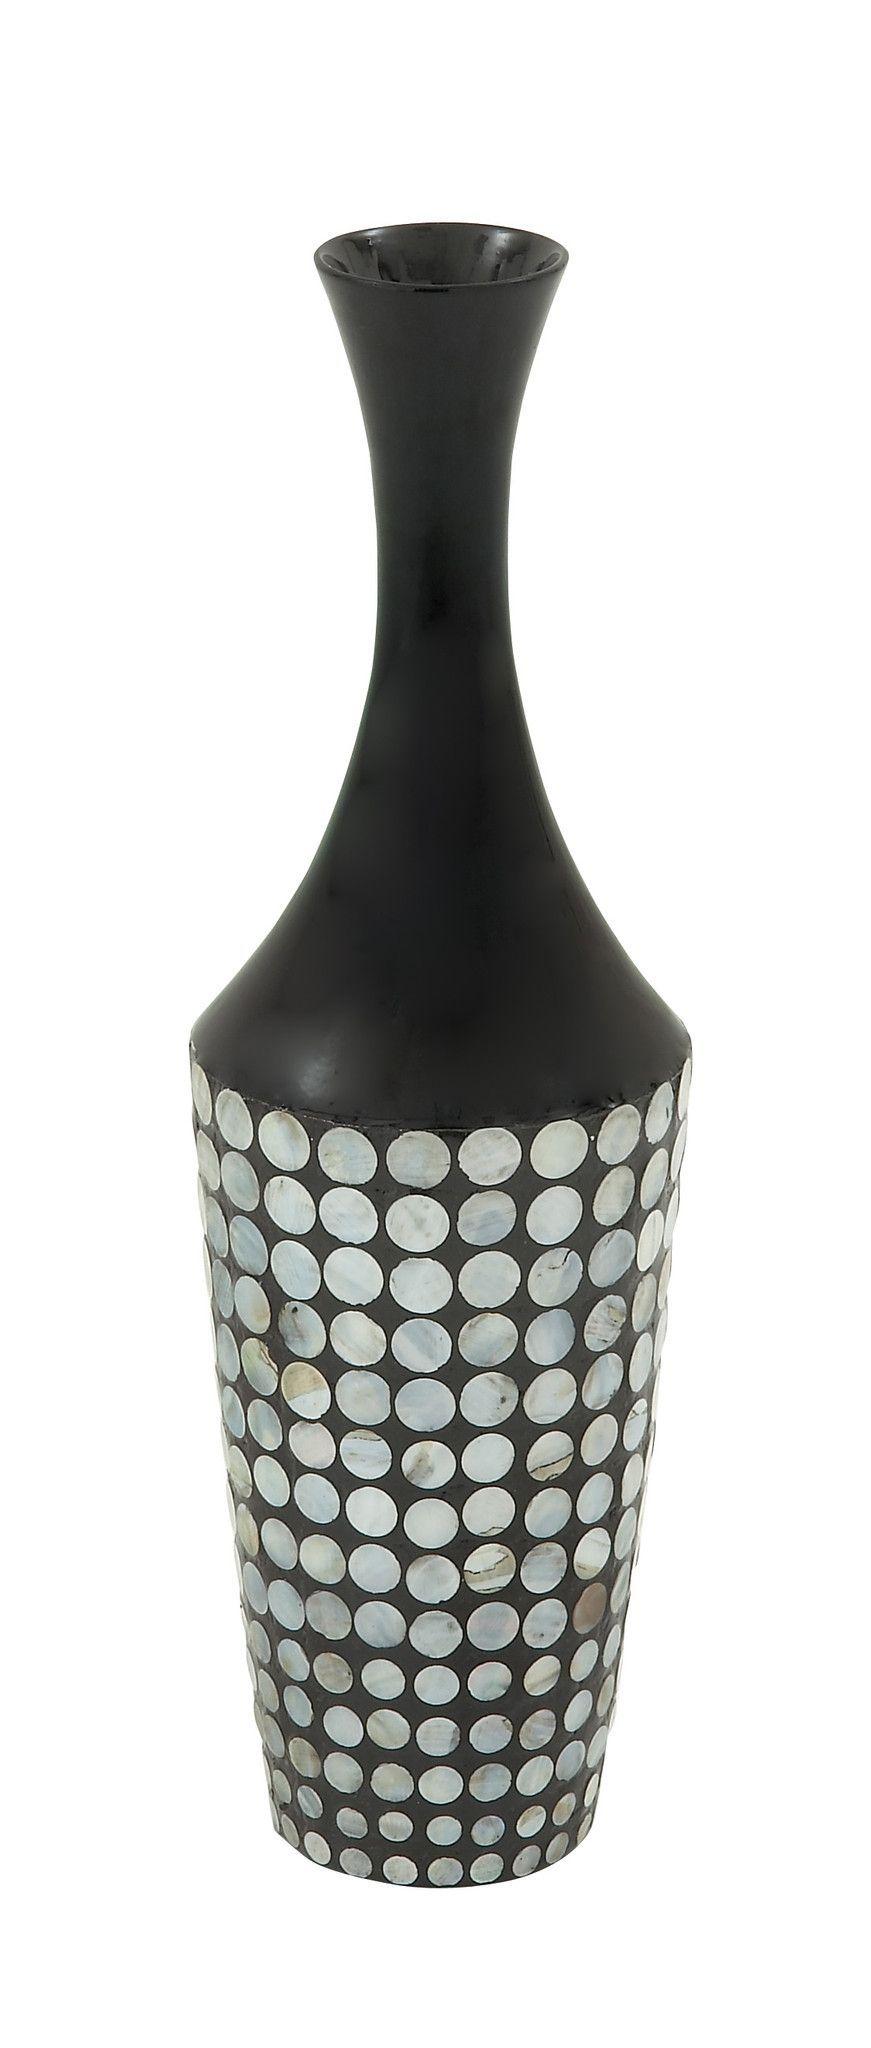 In Vogue Ceramic Lacquer Inlay Vase